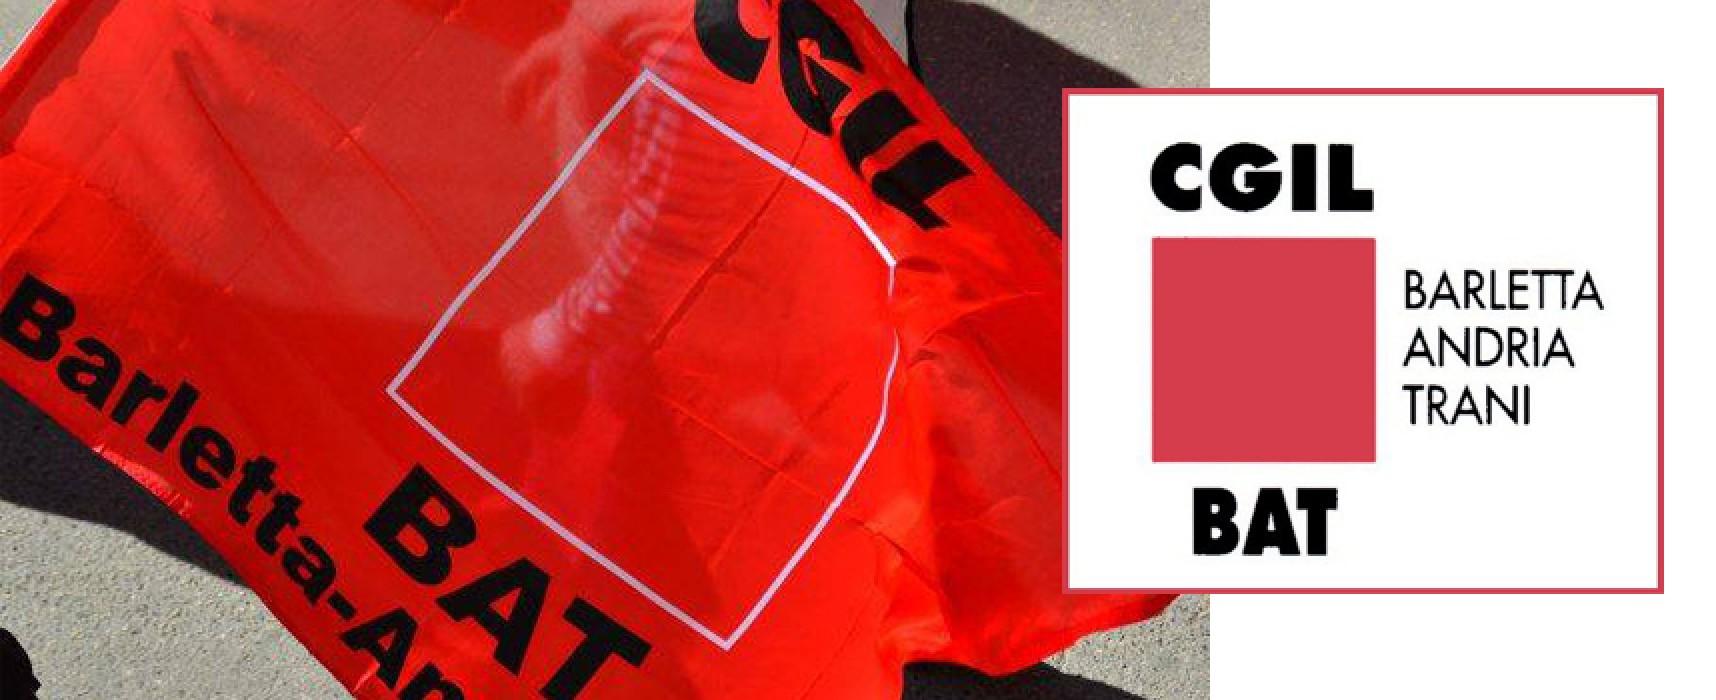 """8 marzo, Seccia (Cgil): """"Nella Bat disoccupazione femminile al 30%"""""""